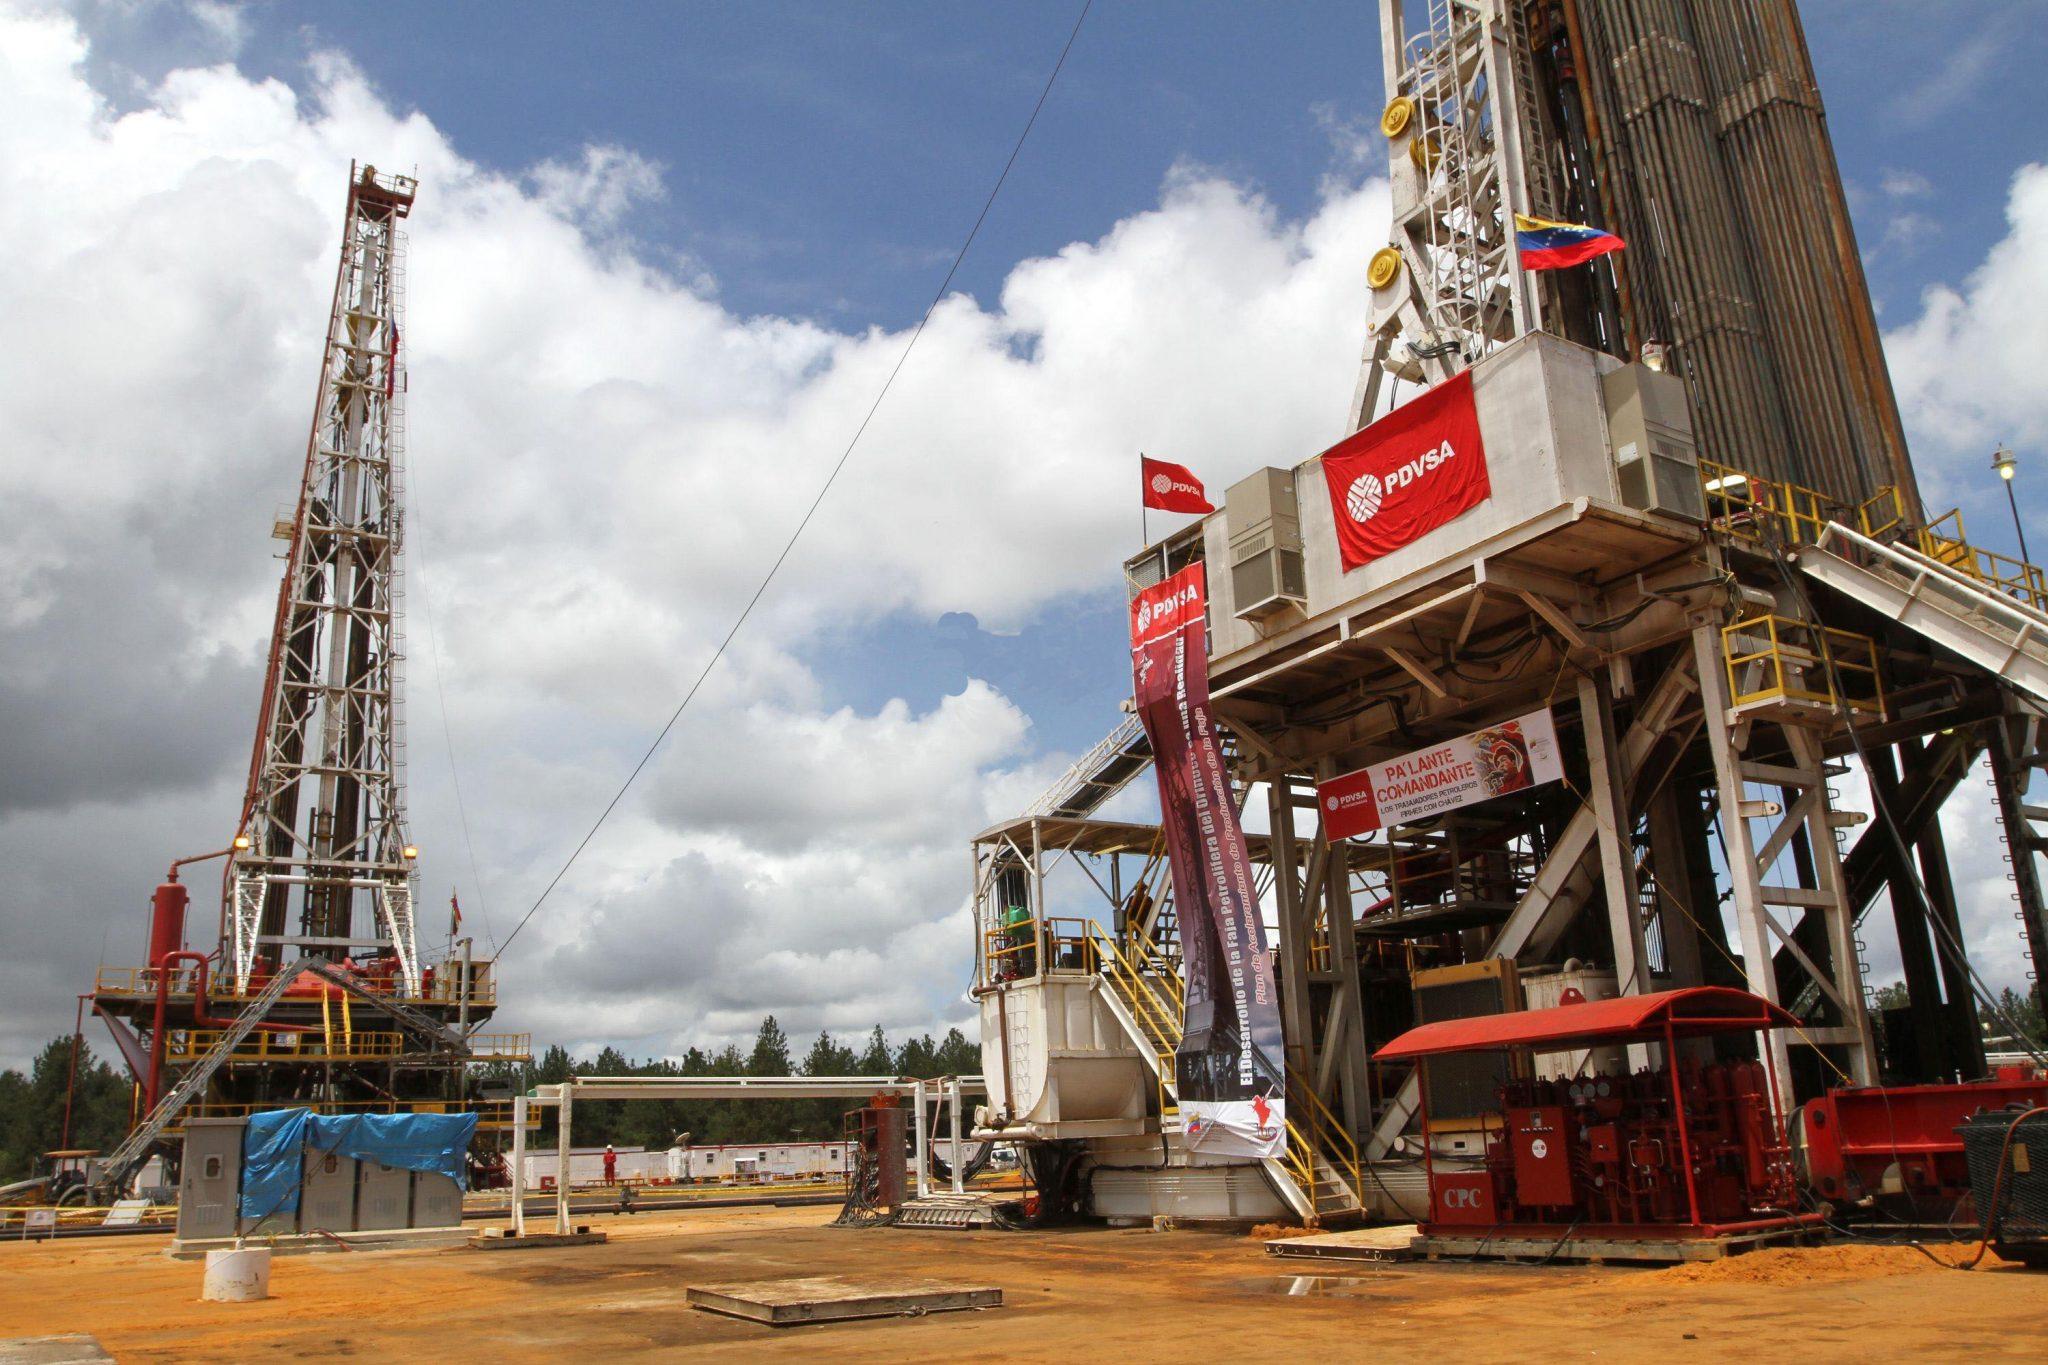 Reuters: Venezuela regresa a acuerdos petroleros de incentivos criticados en la era Chávez